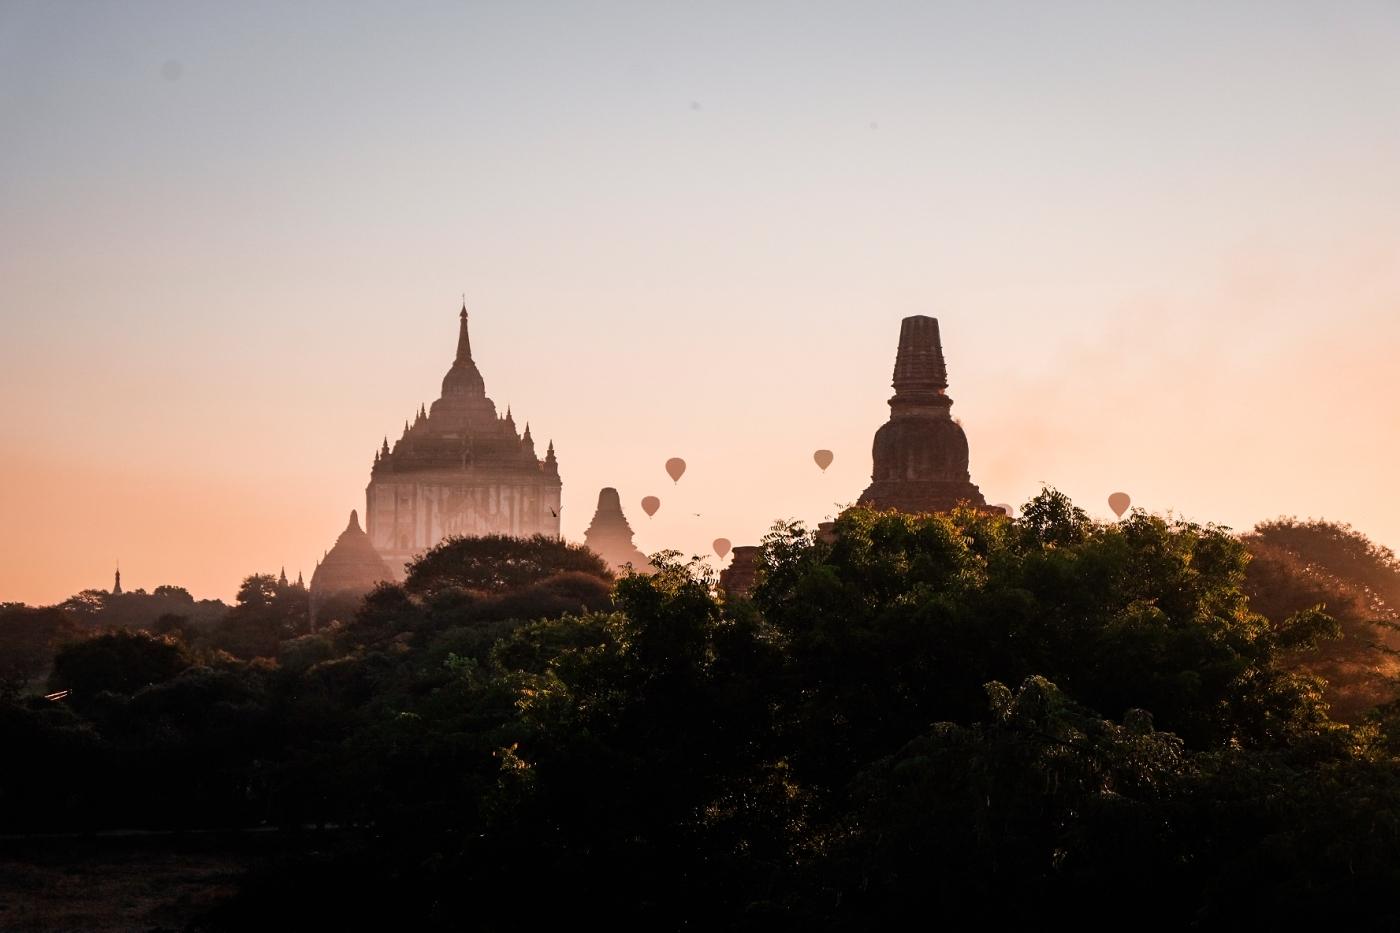 Chasing sunrises in Bagan